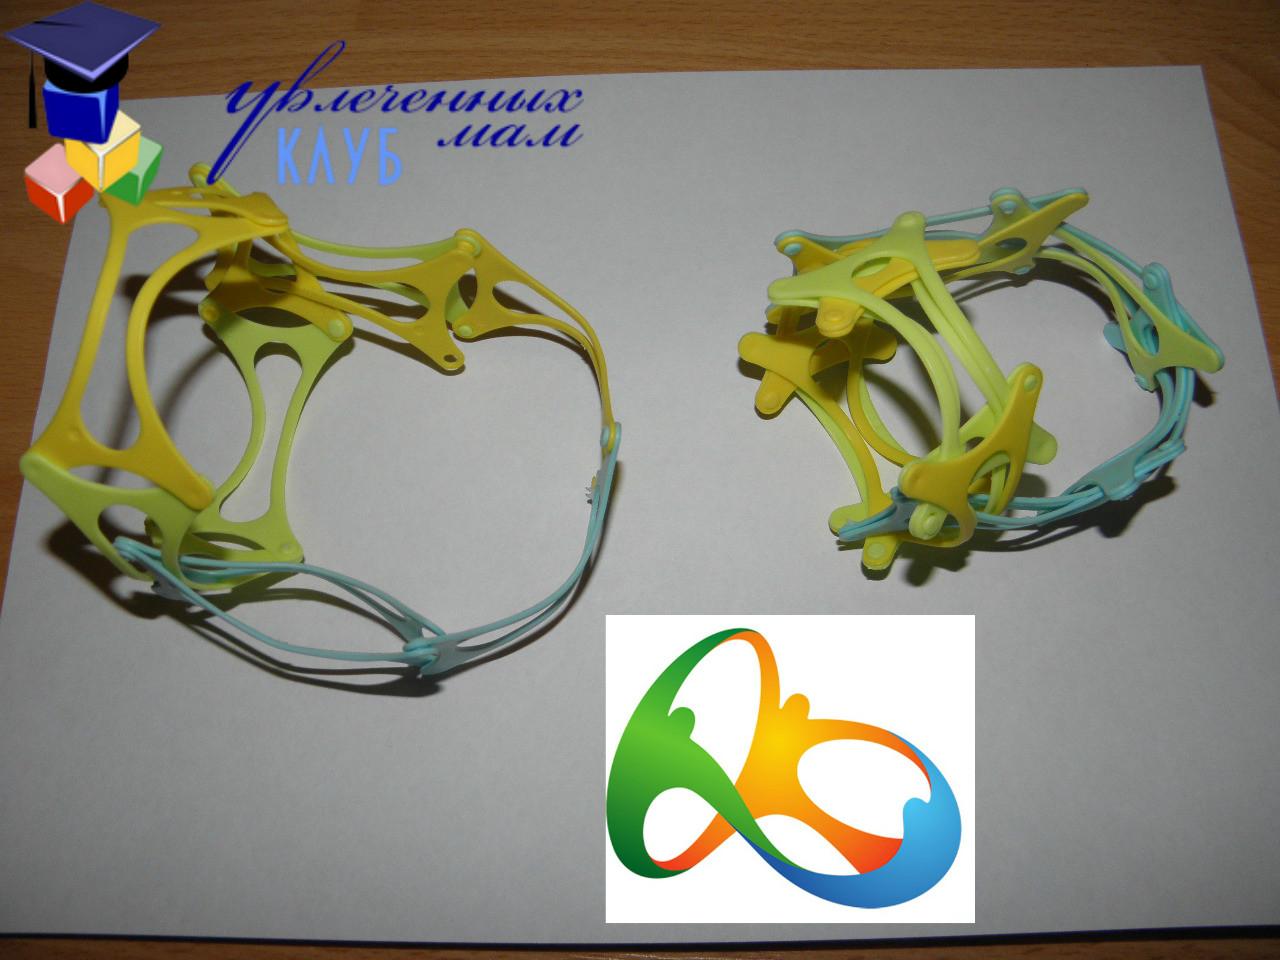 Встречаем Олимпийские Игры - Логотип Олимпиады в Рио